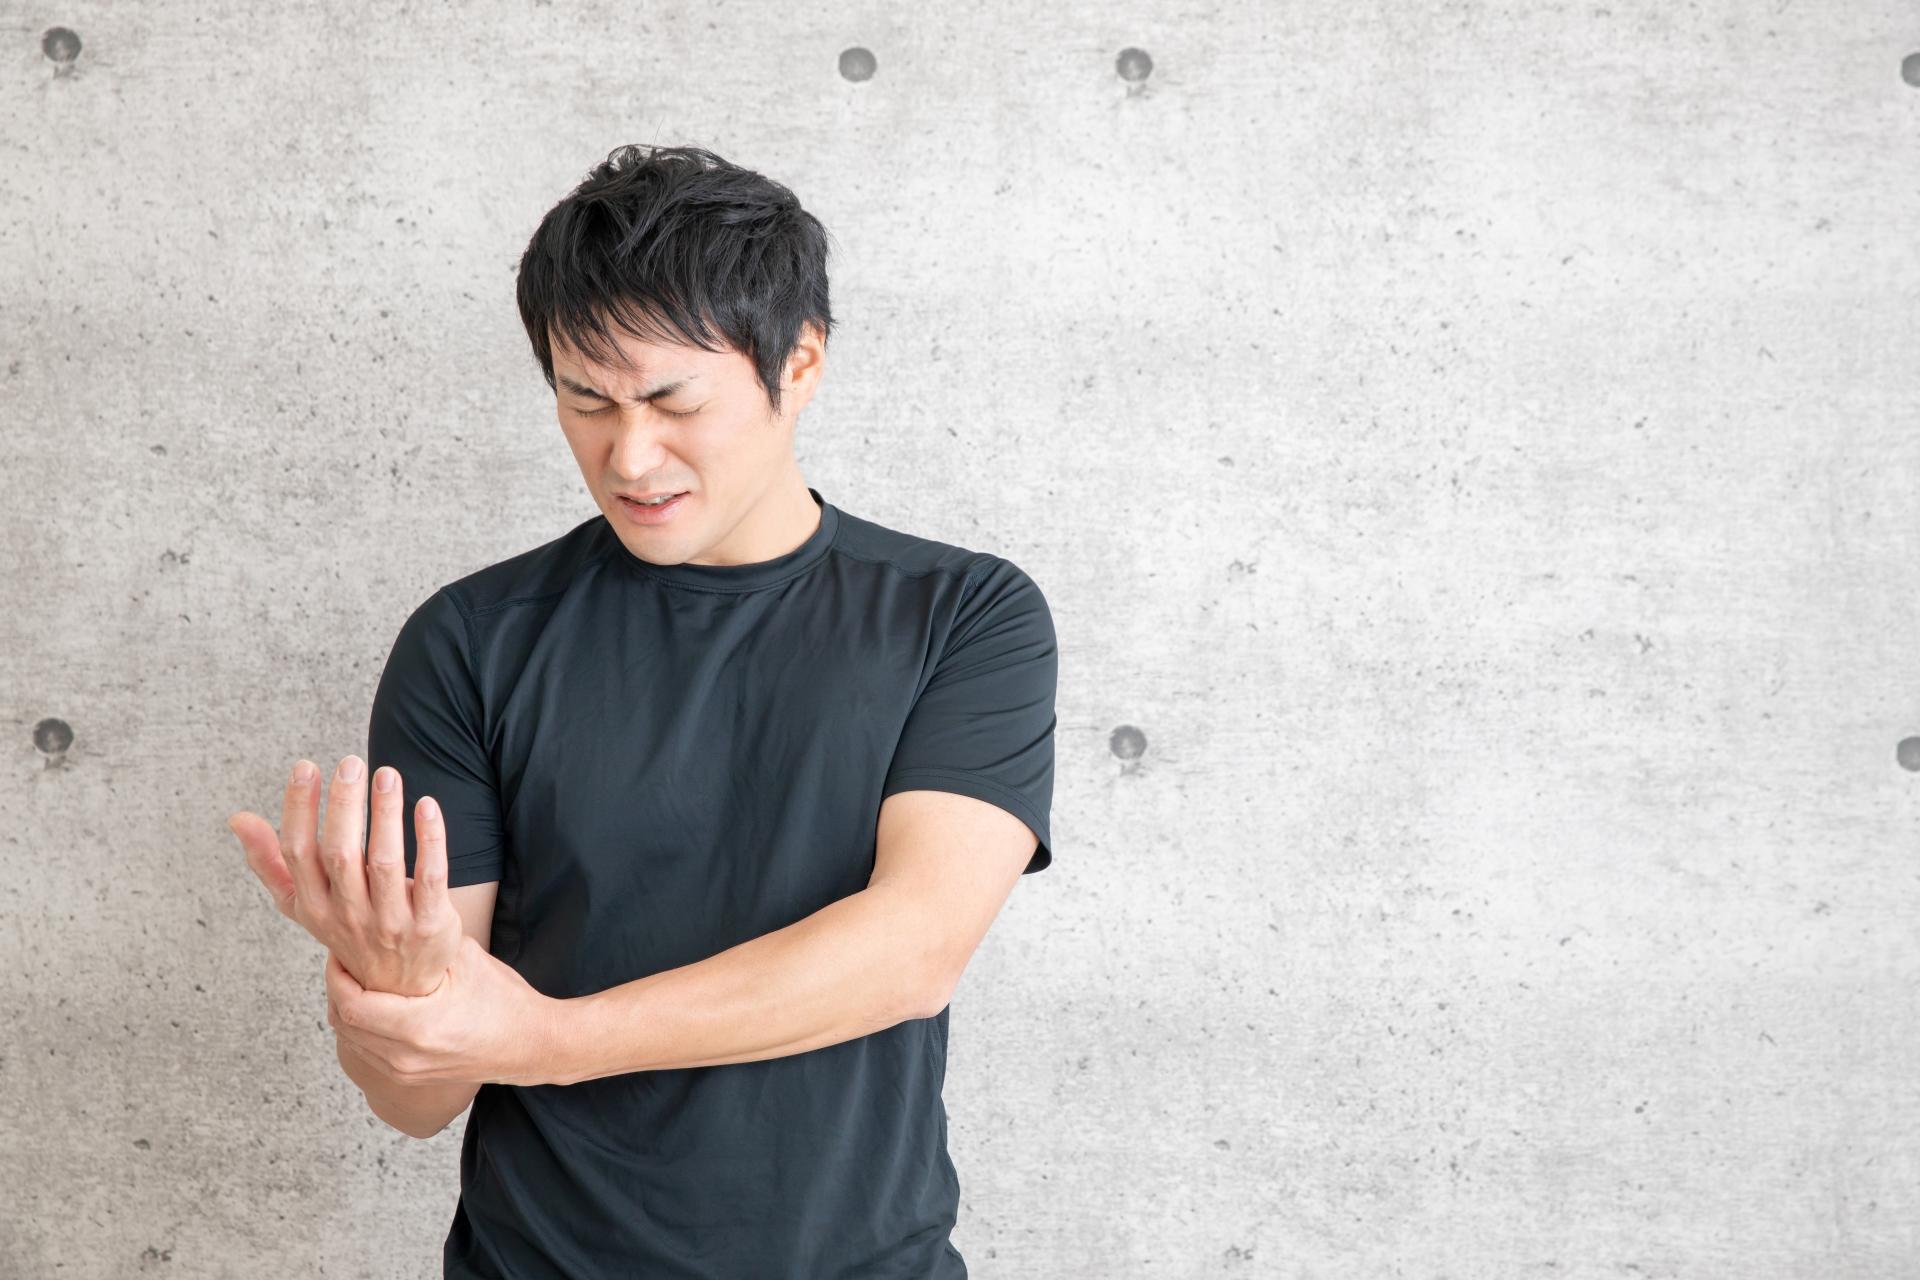 筋トレ 手首の怪我